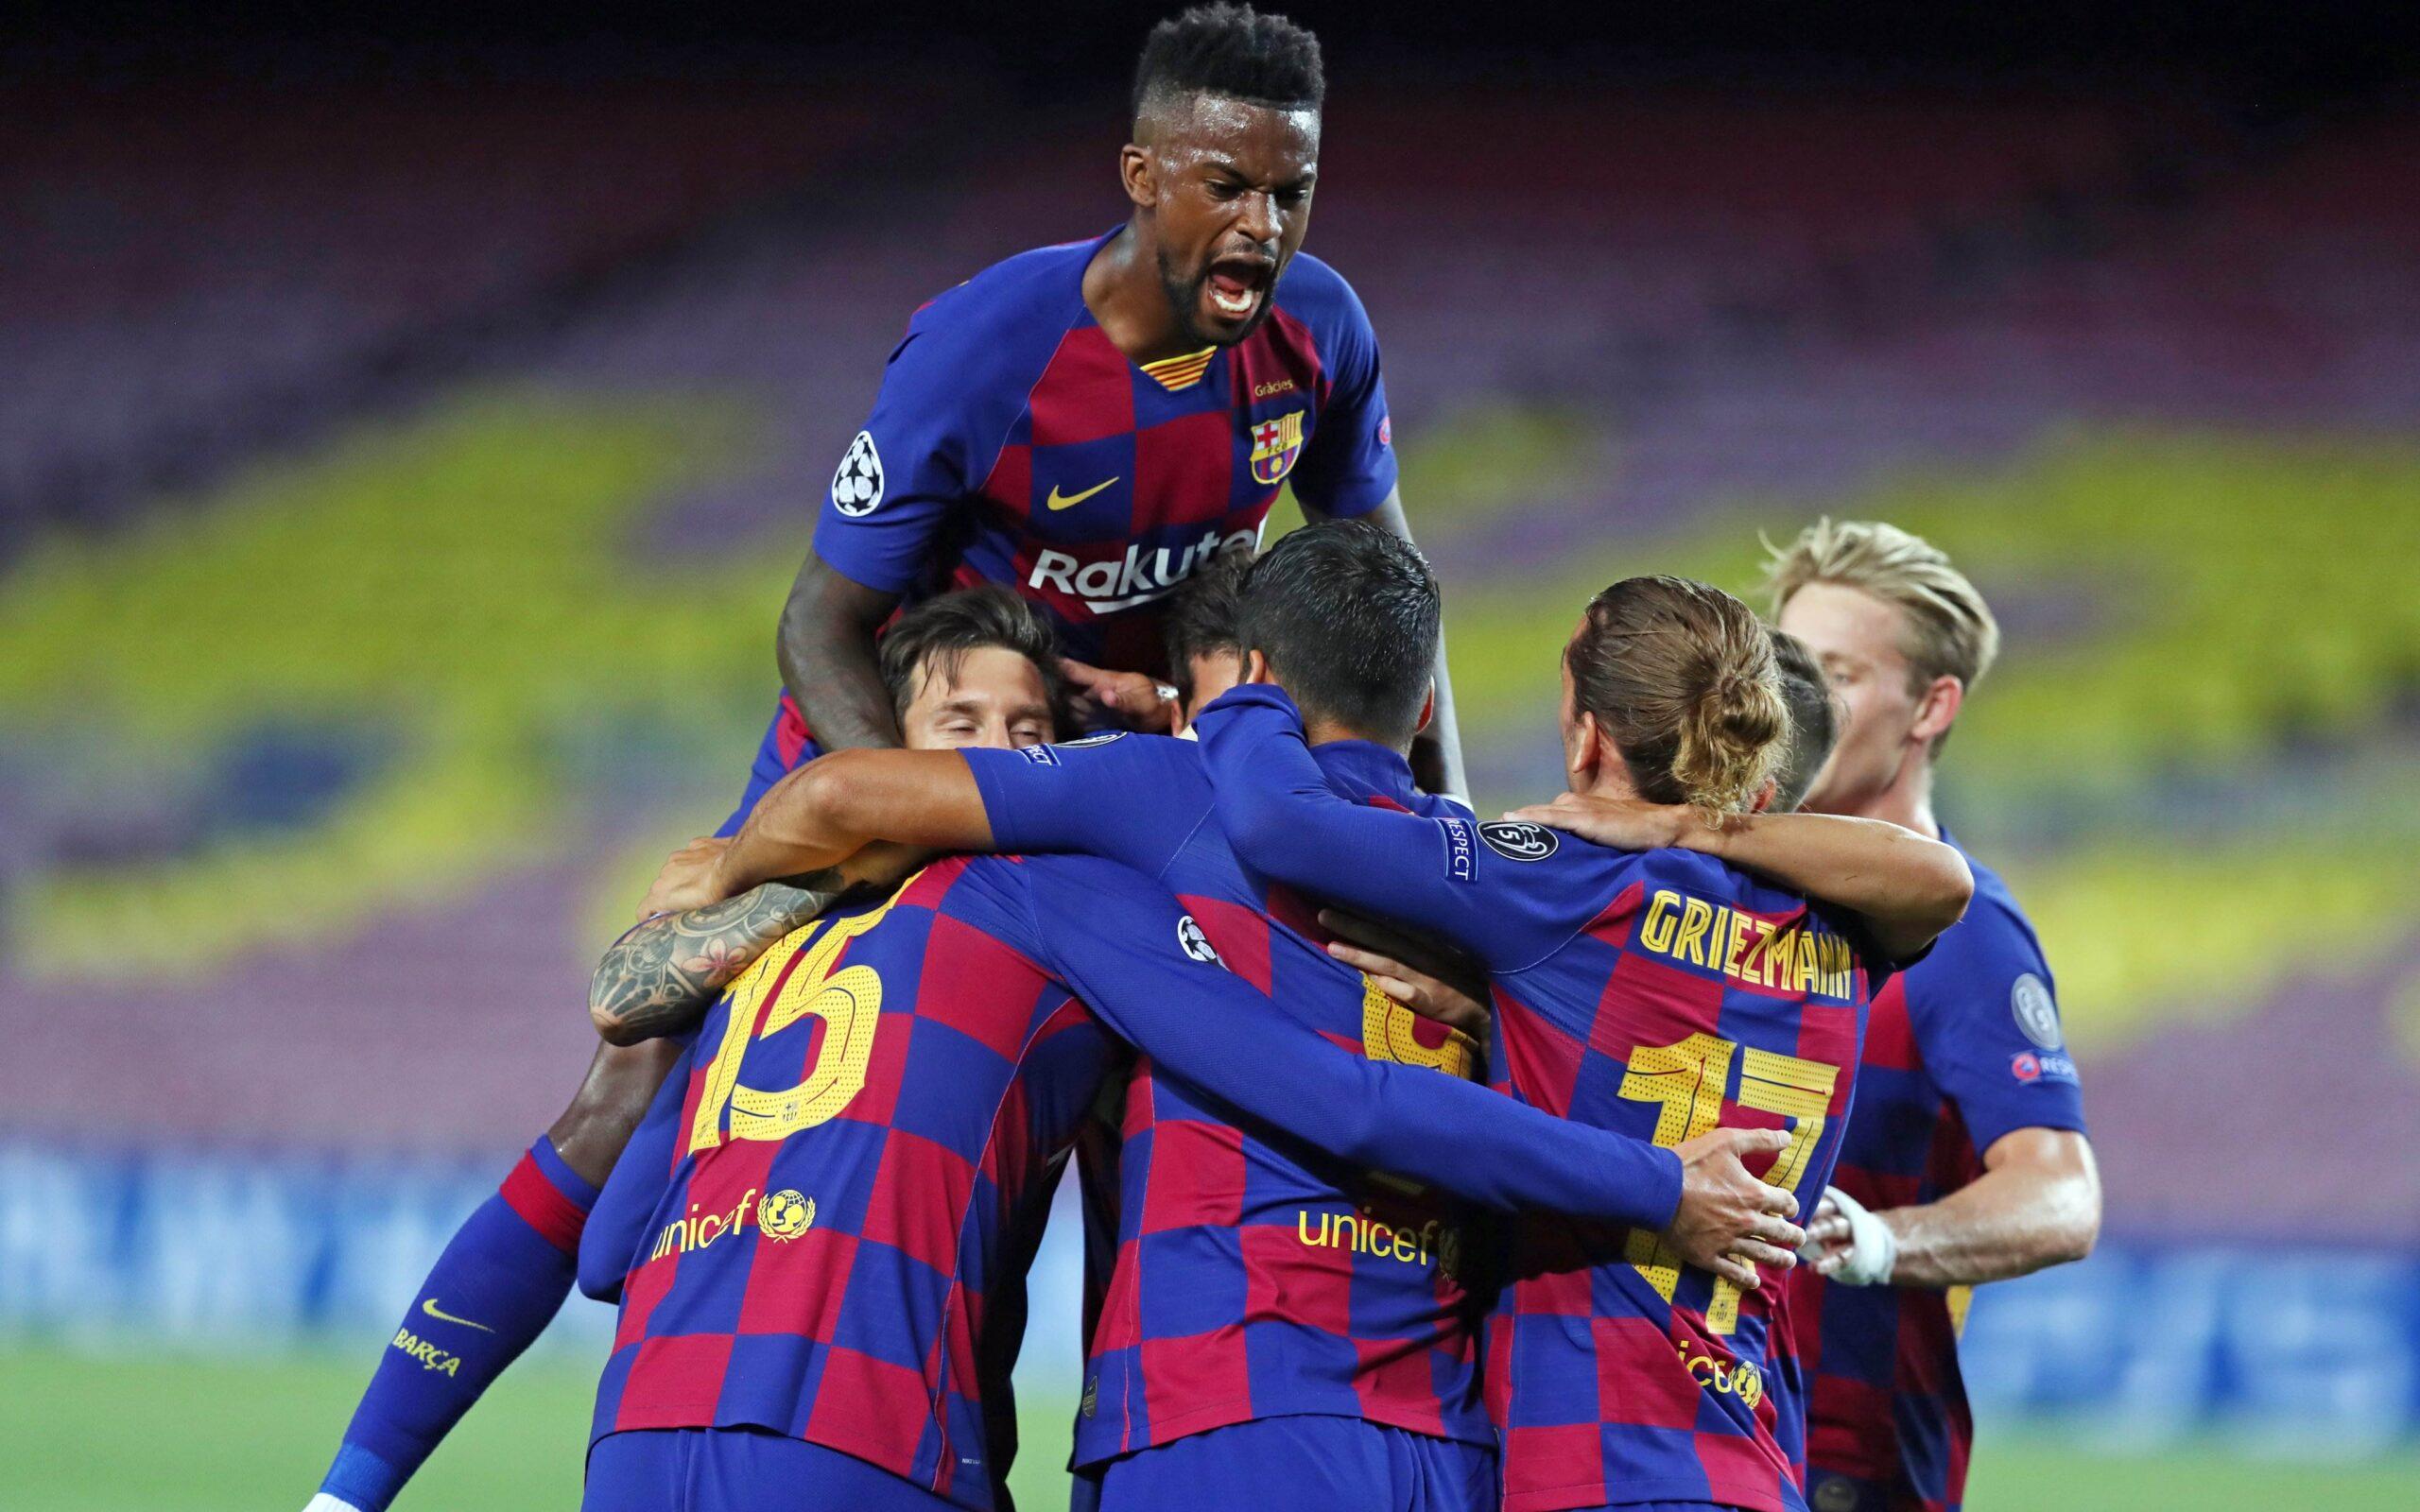 تشكيلة فريق برشلونة امام أتلتيك بيلباو في نهائي كأس السوبر الإسباني